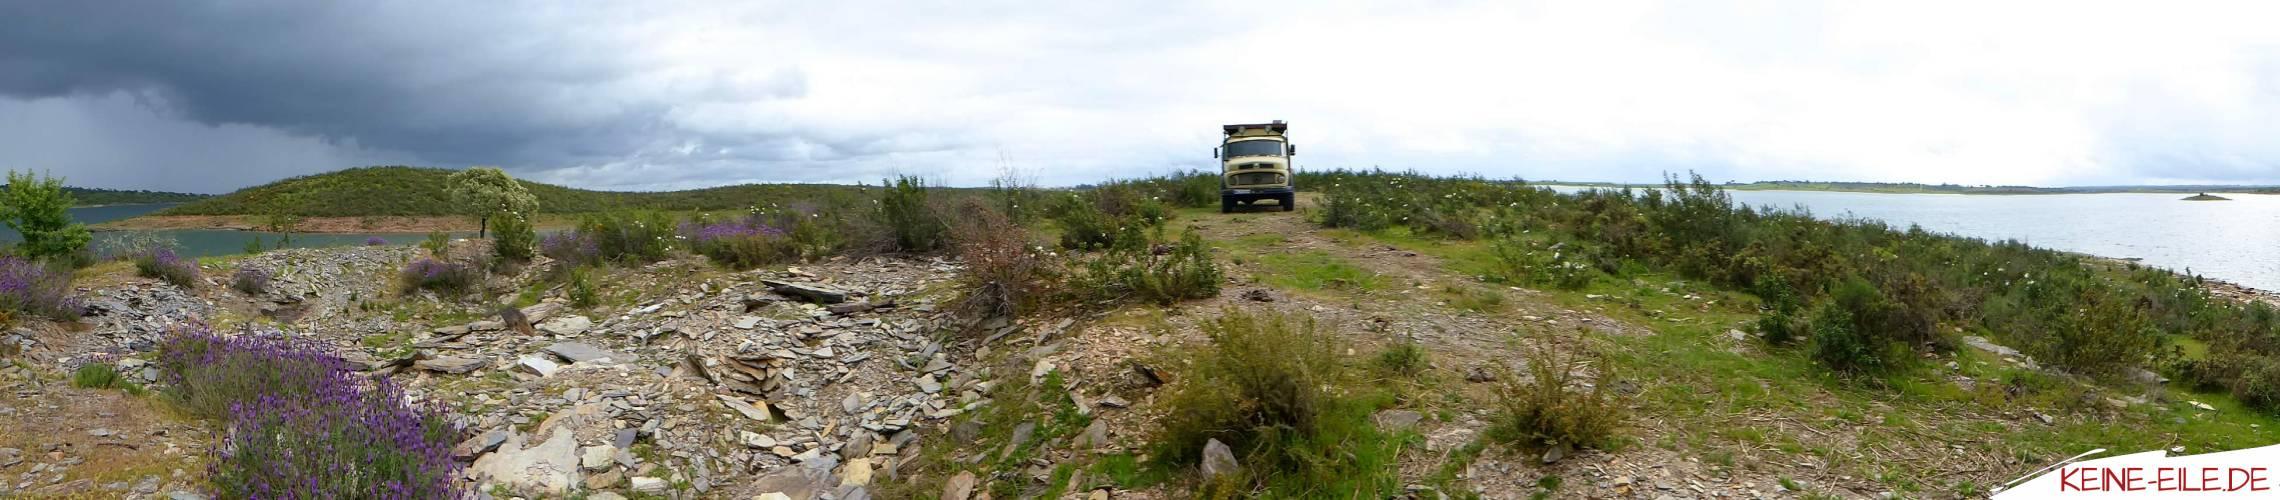 Auf einer Halbinsel im Alqueva Stausee bei Luz